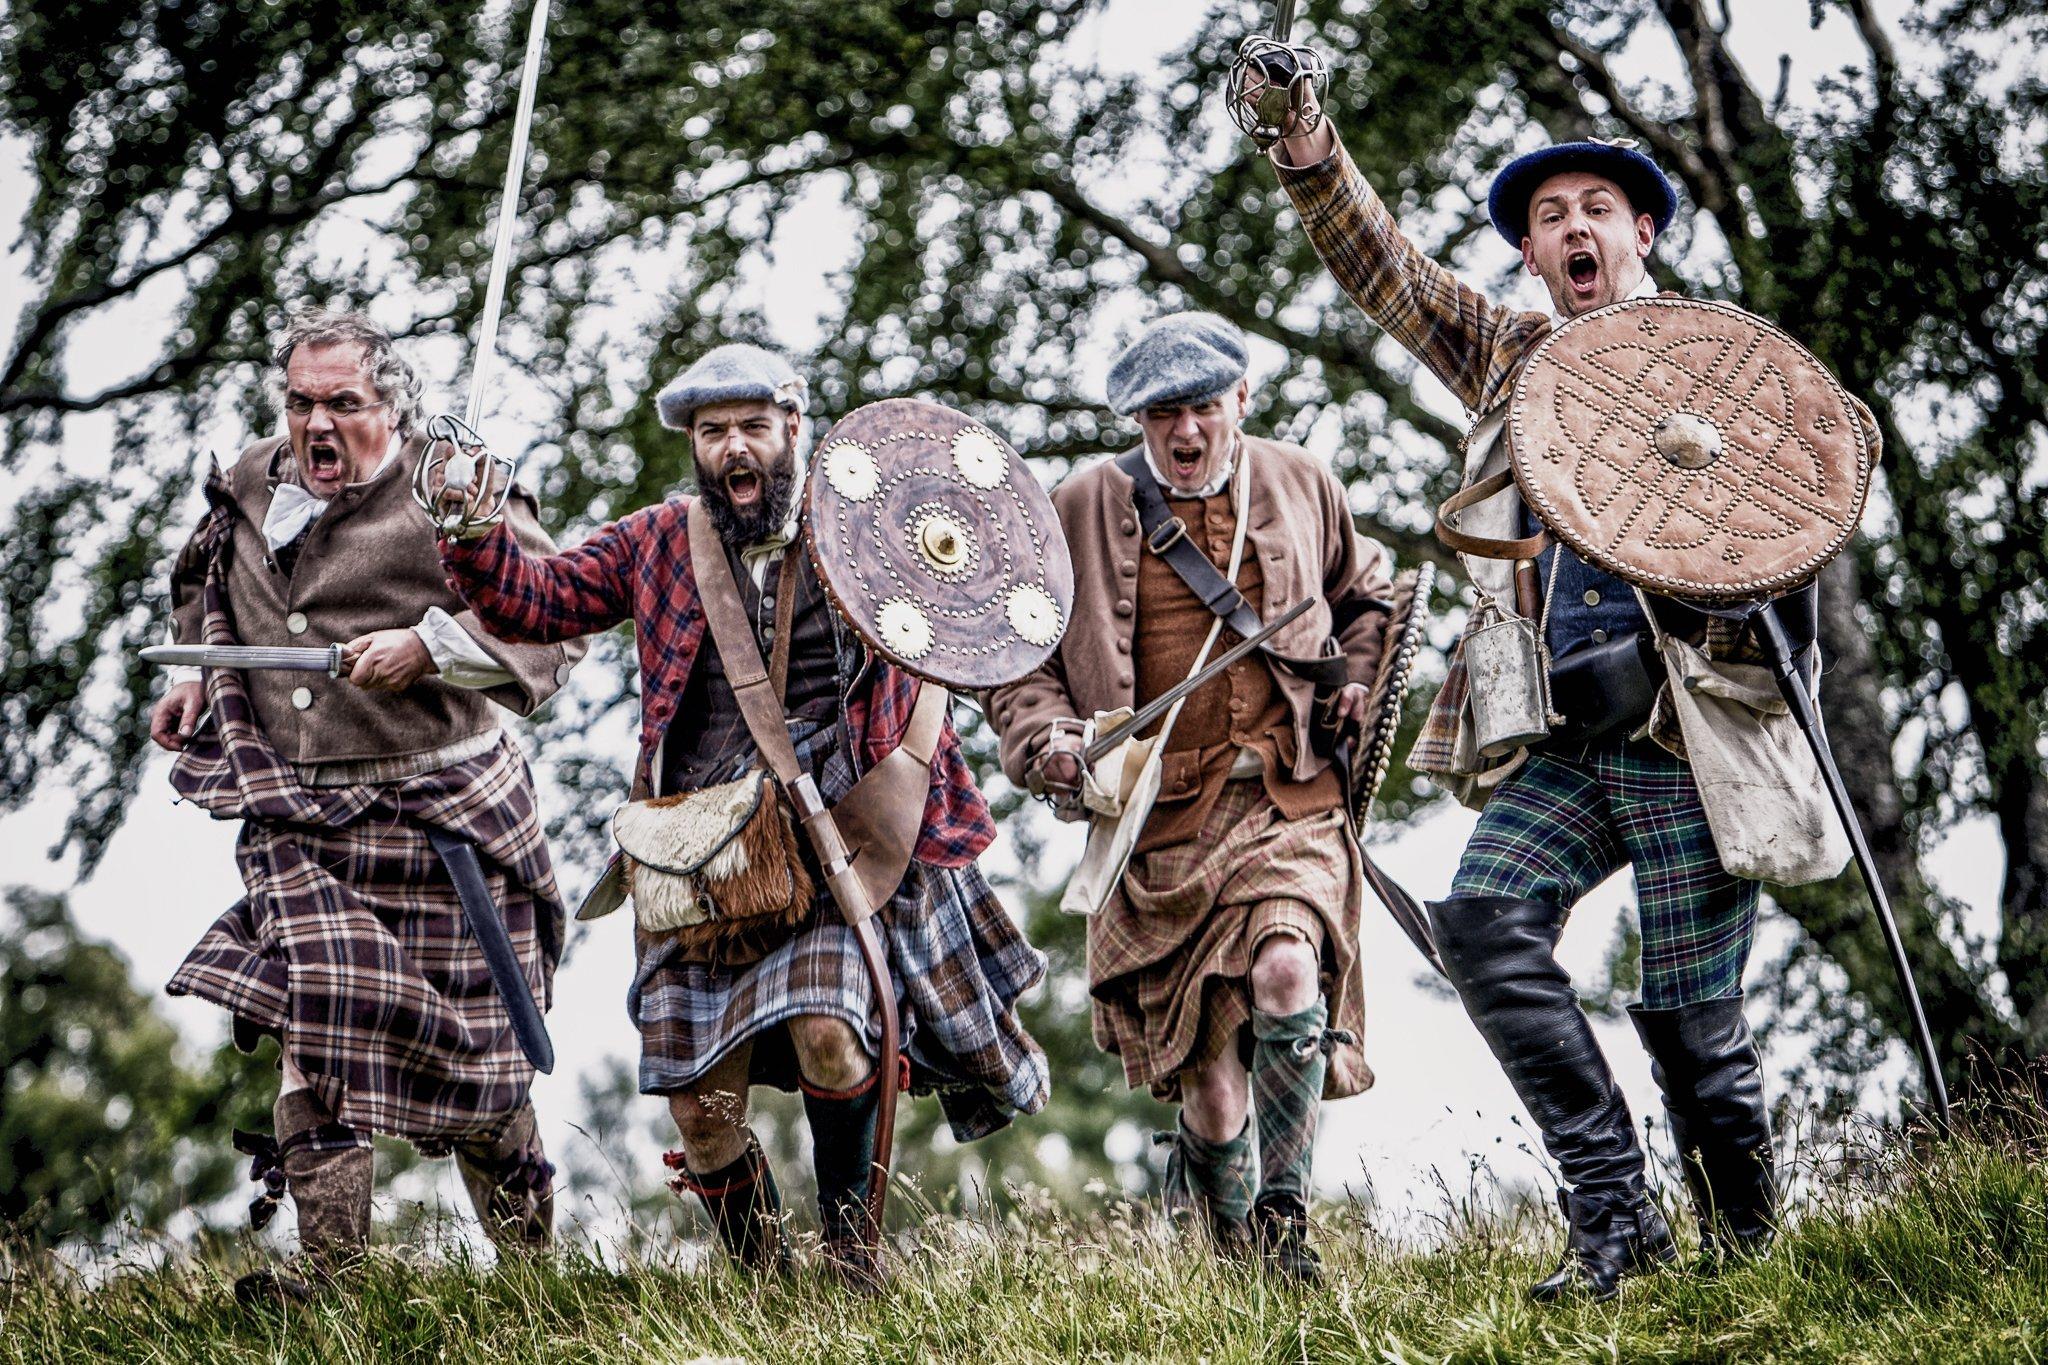 Why Outlander Fans should visit Inverness